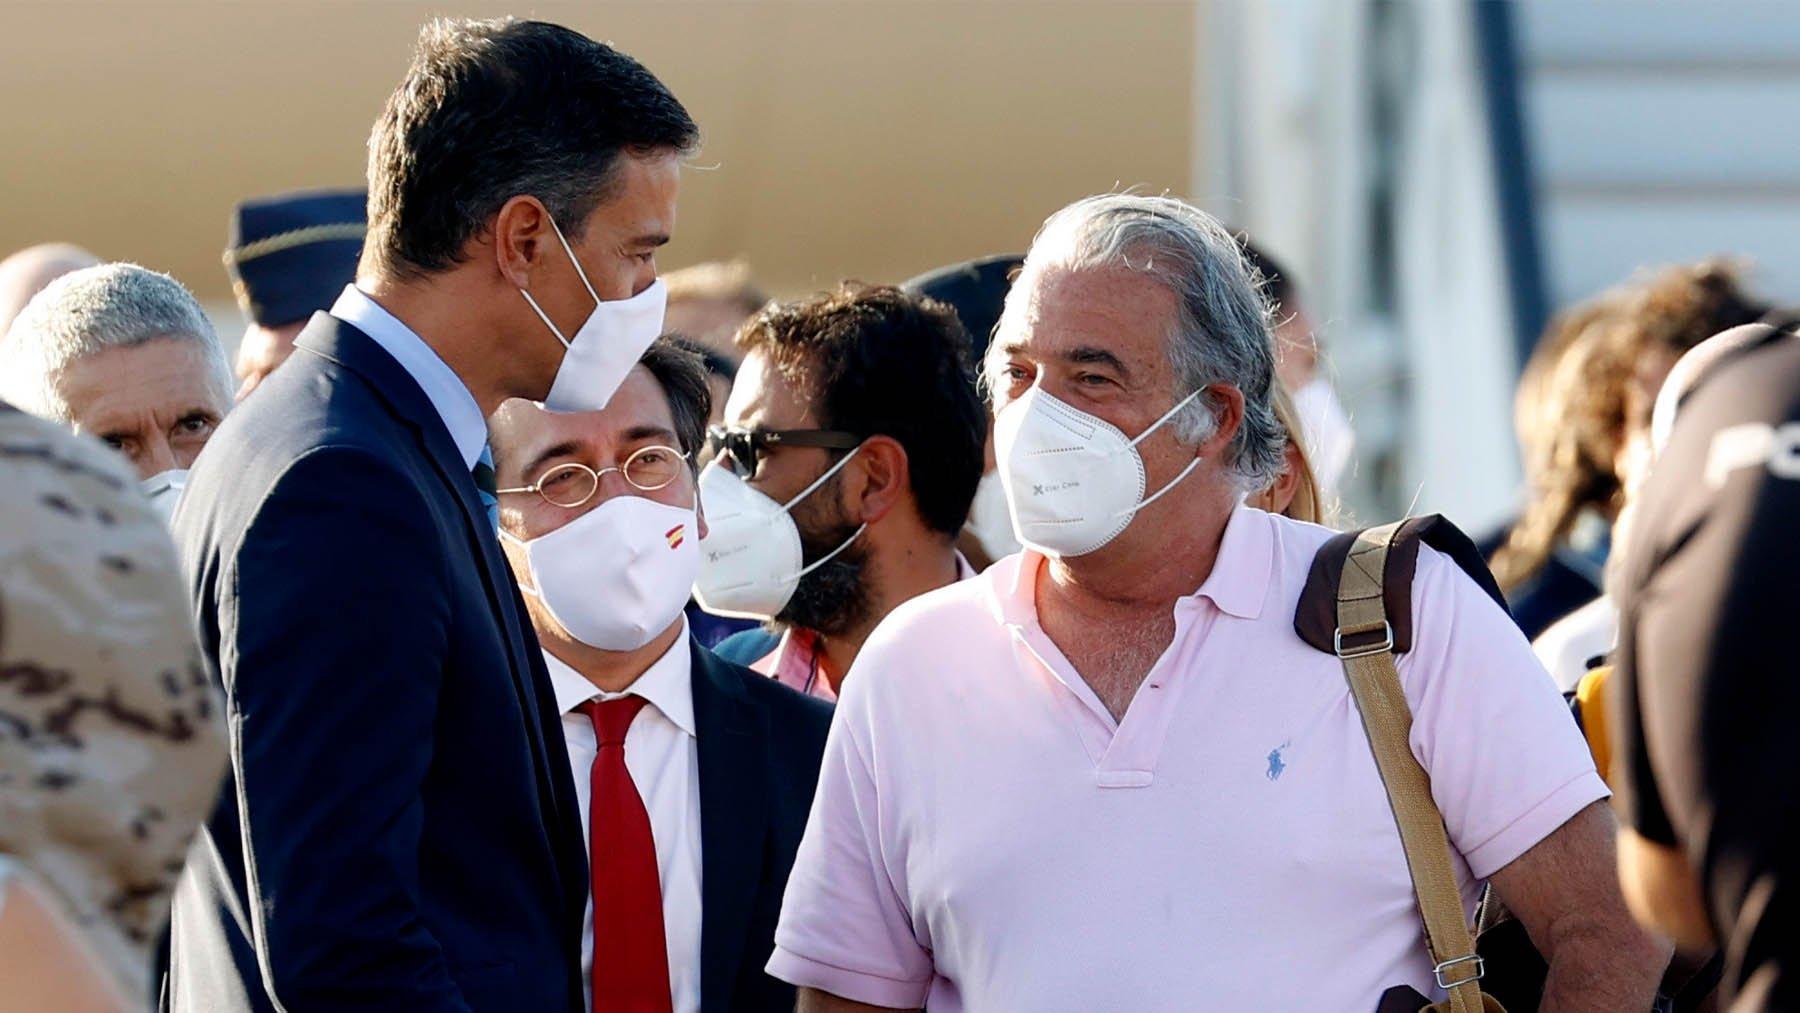 Vergonzoso: Sánchez fuerza una foto con el embajador-héroe en Kabul, pese a que le echó antes de irse a La Mareta